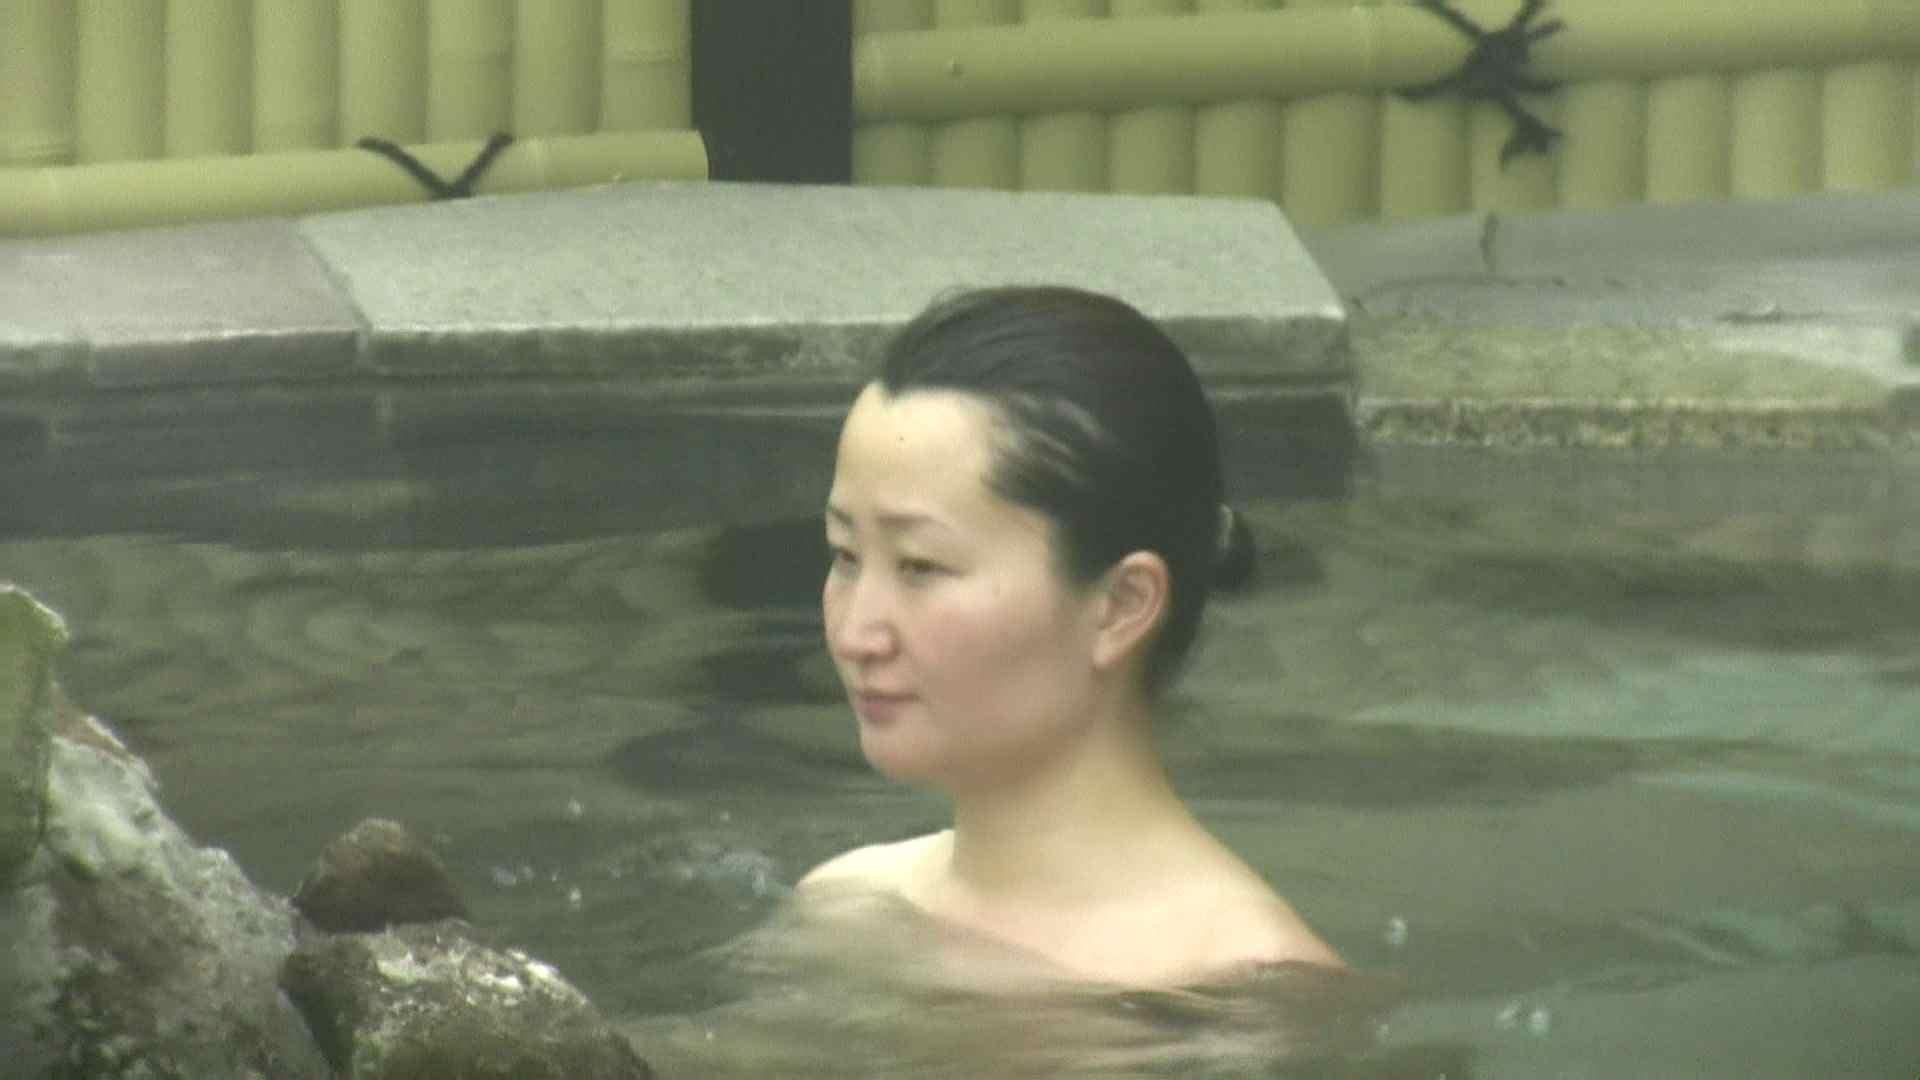 Aquaな露天風呂Vol.632 OL女体 のぞき動画画像 75連発 23